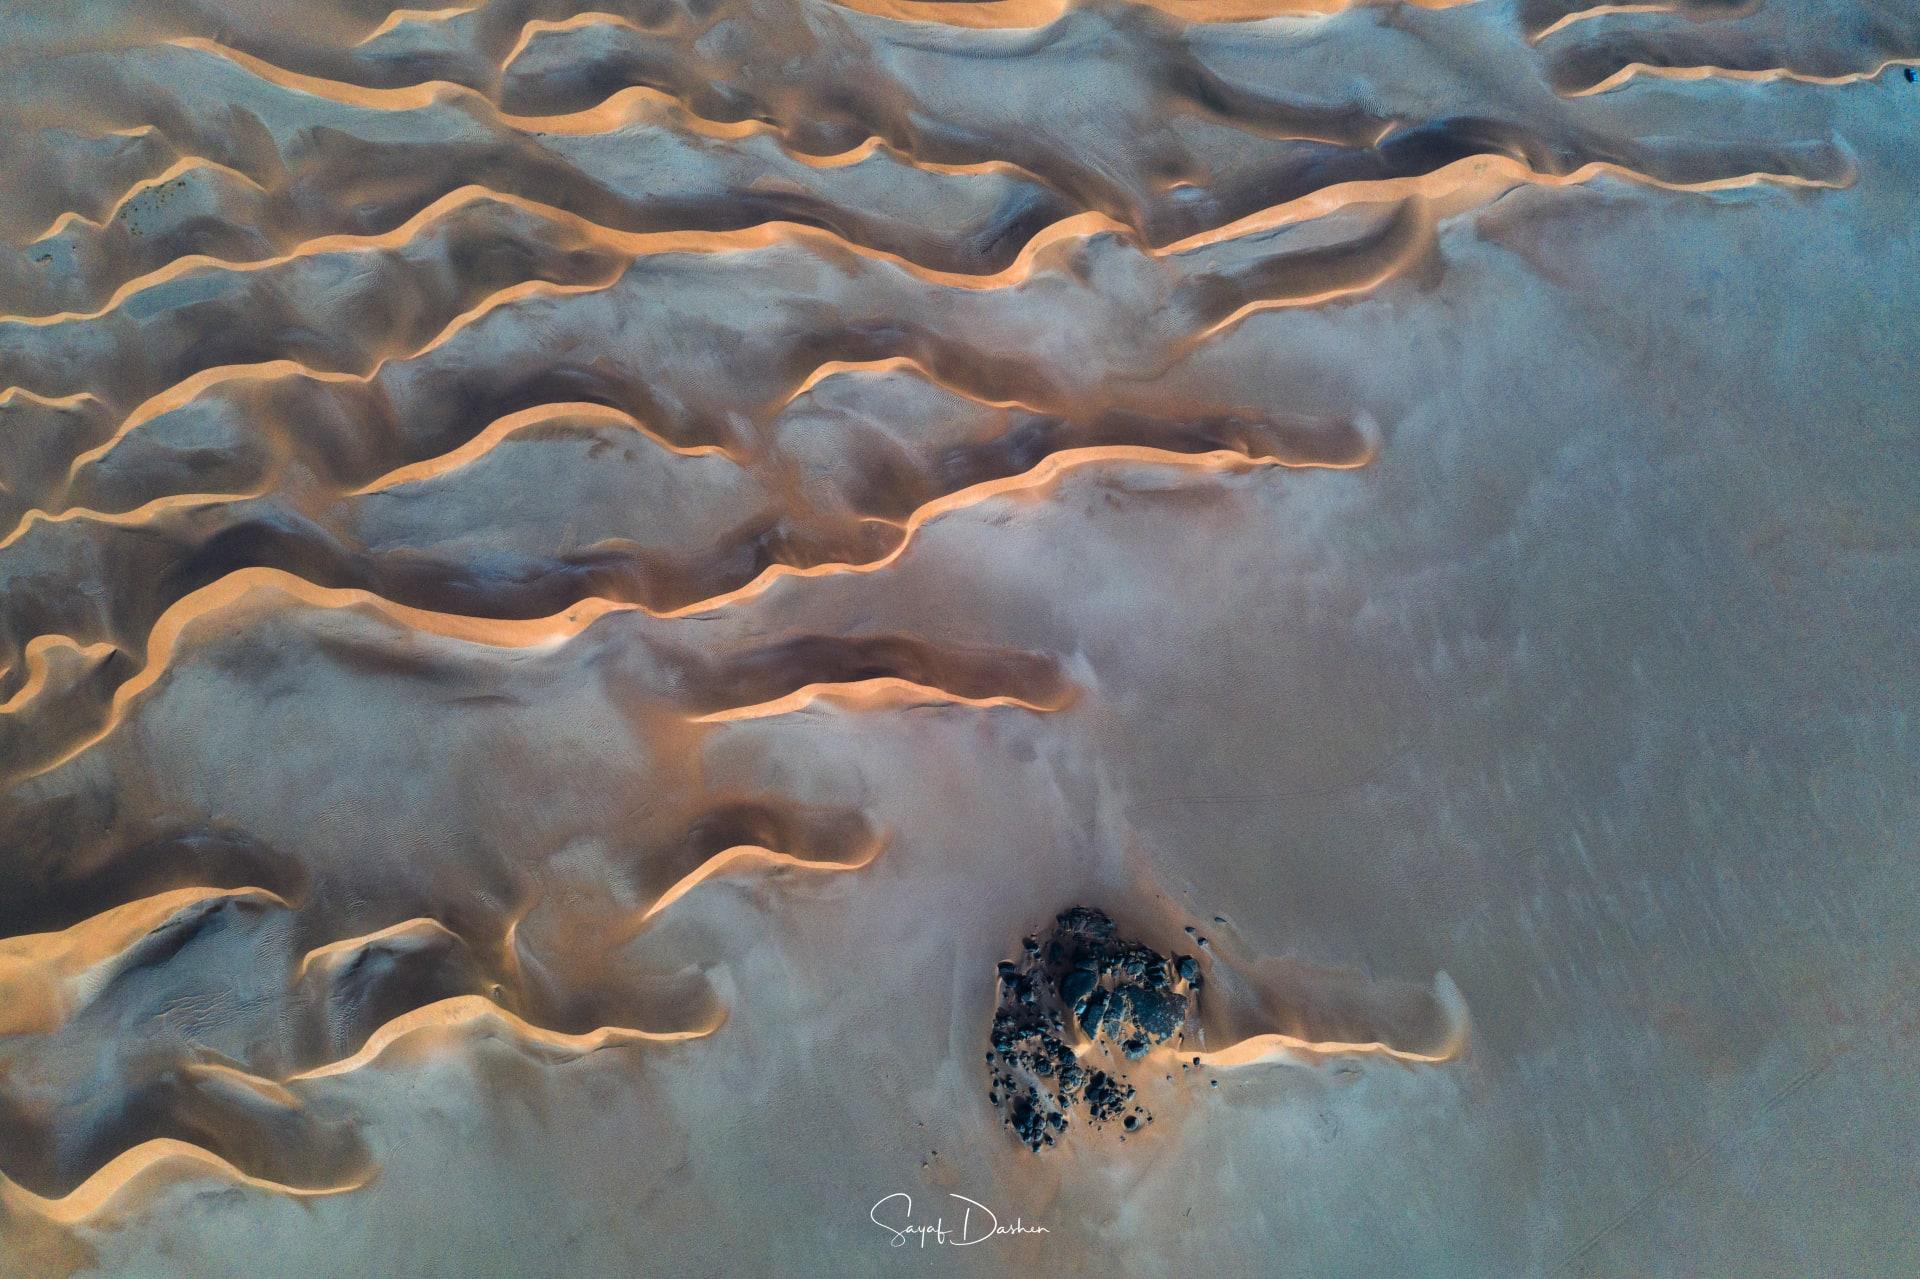 كأنها عروق تزحف على الأرض.. مصور يُظهر اللوحات الطبيعية التي تشكلها رمال السعودية